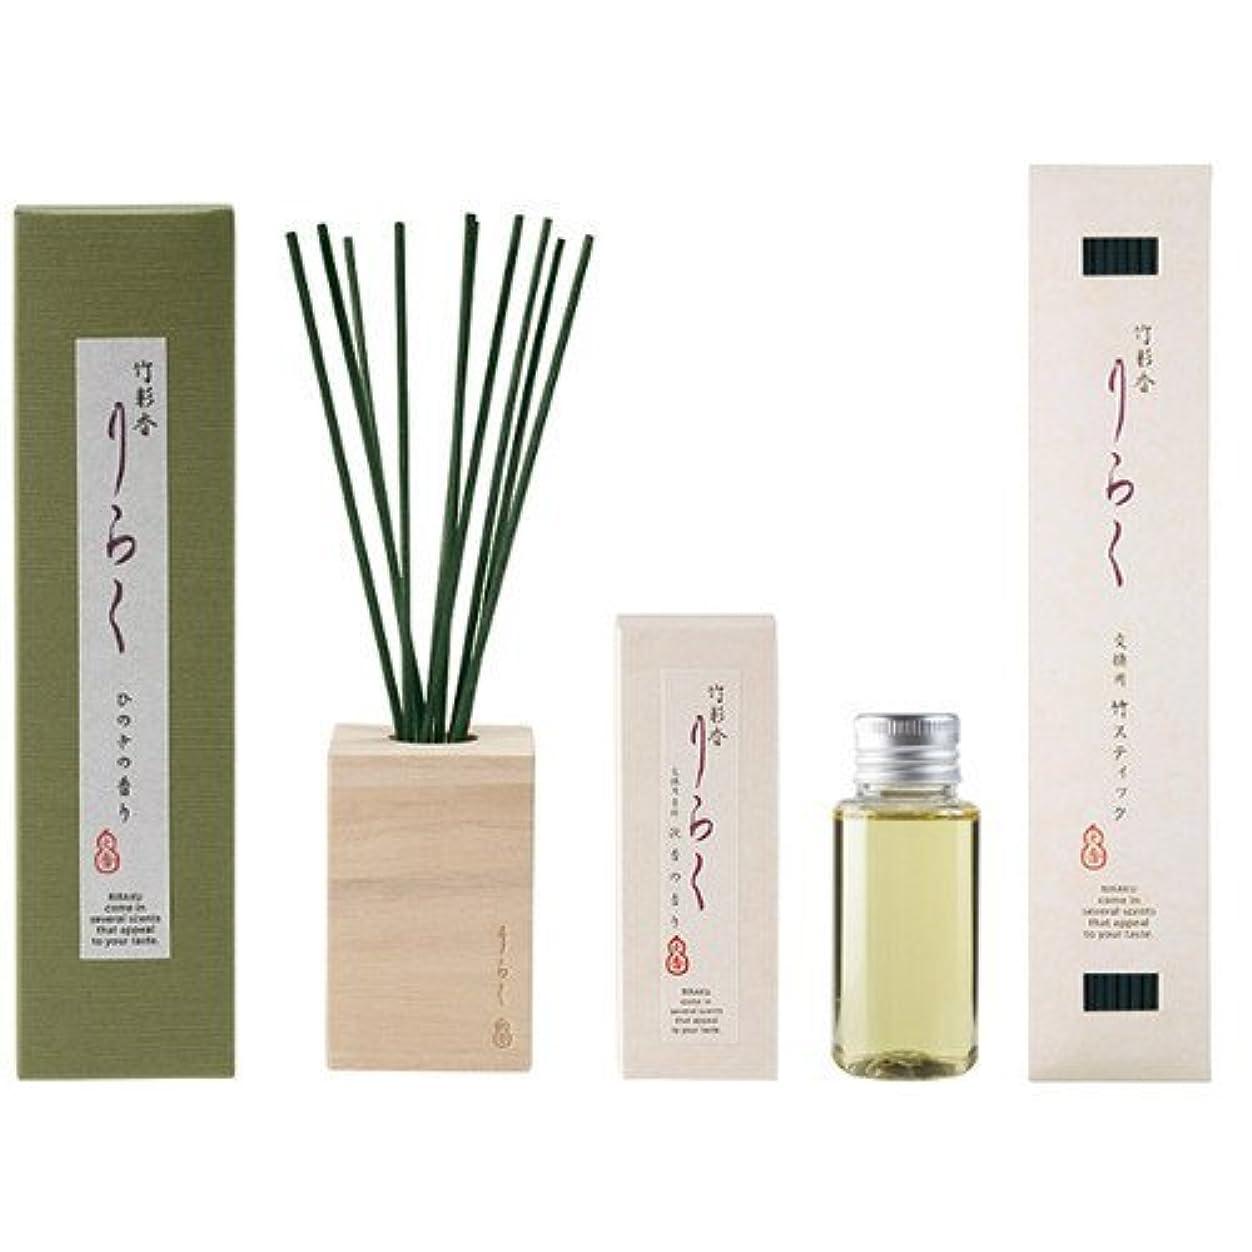 測定戻る追記大香 竹彩香 りらく ひのき 50ml と 交換用 ひのき、交換用竹スティック ひのきの色 セット